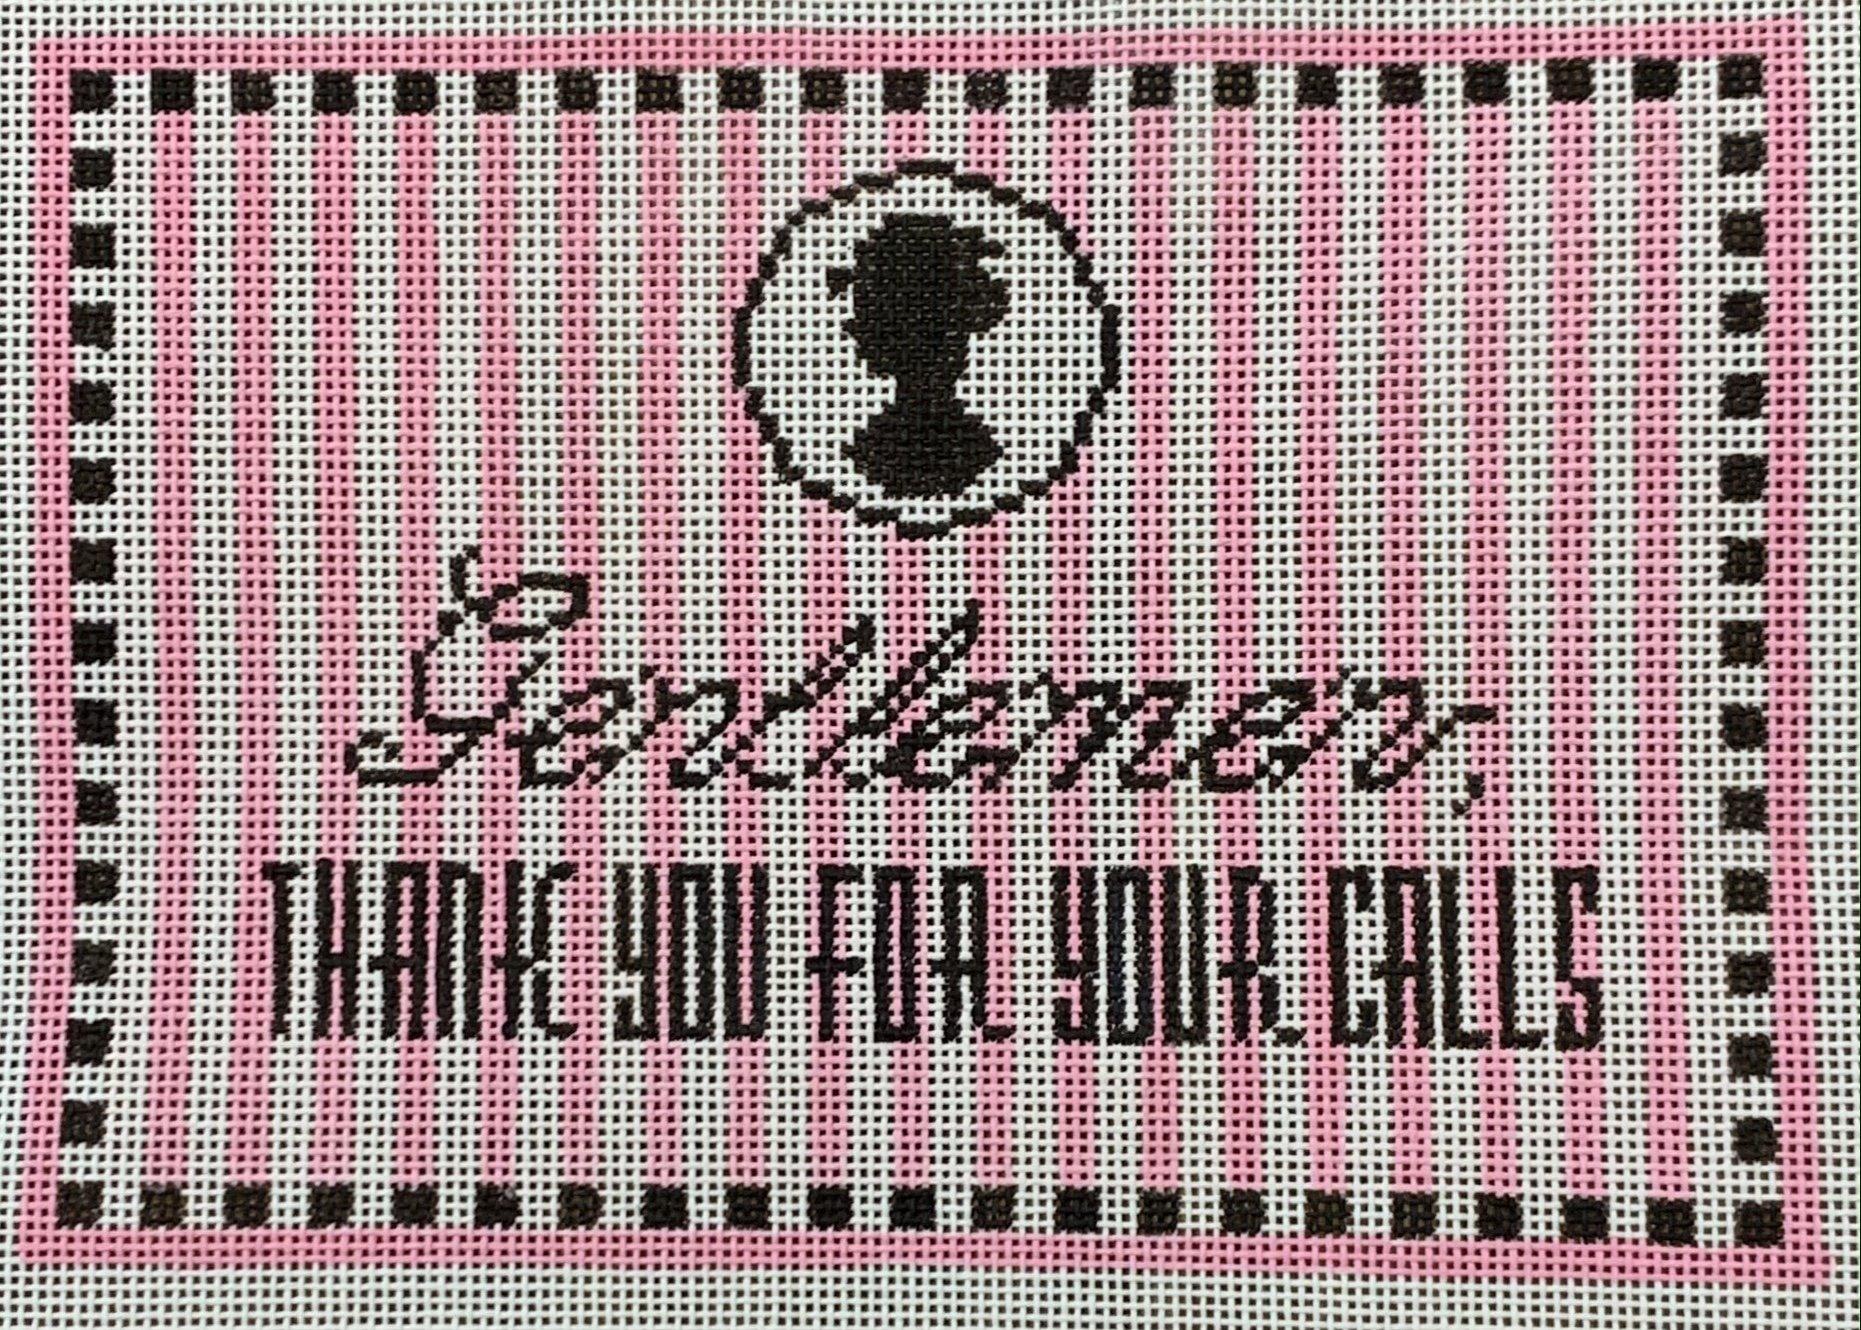 Gentlemen, Thank You